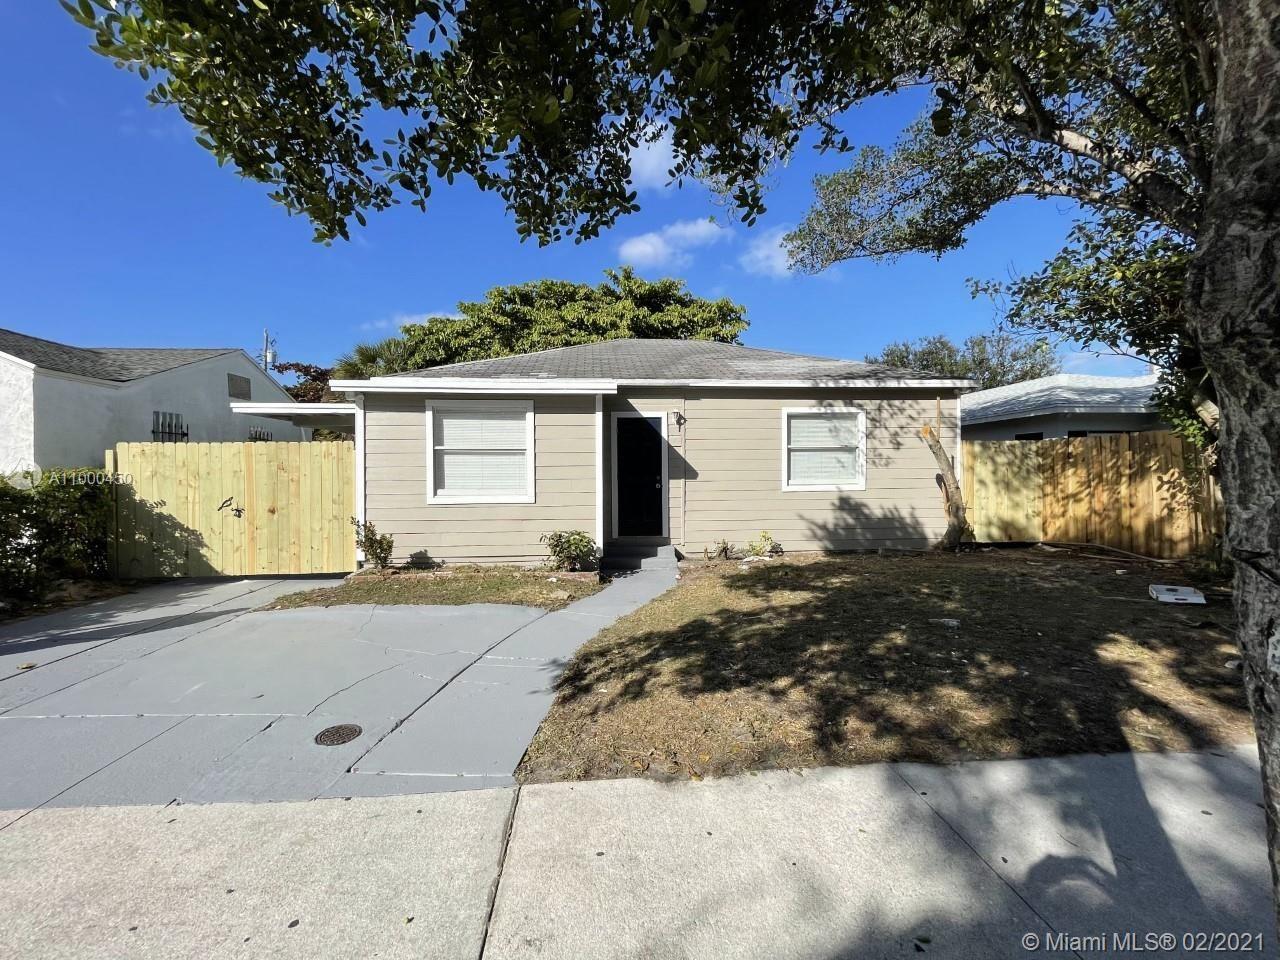 717 54th St, West Palm Beach, FL 33407 - #: A11000450